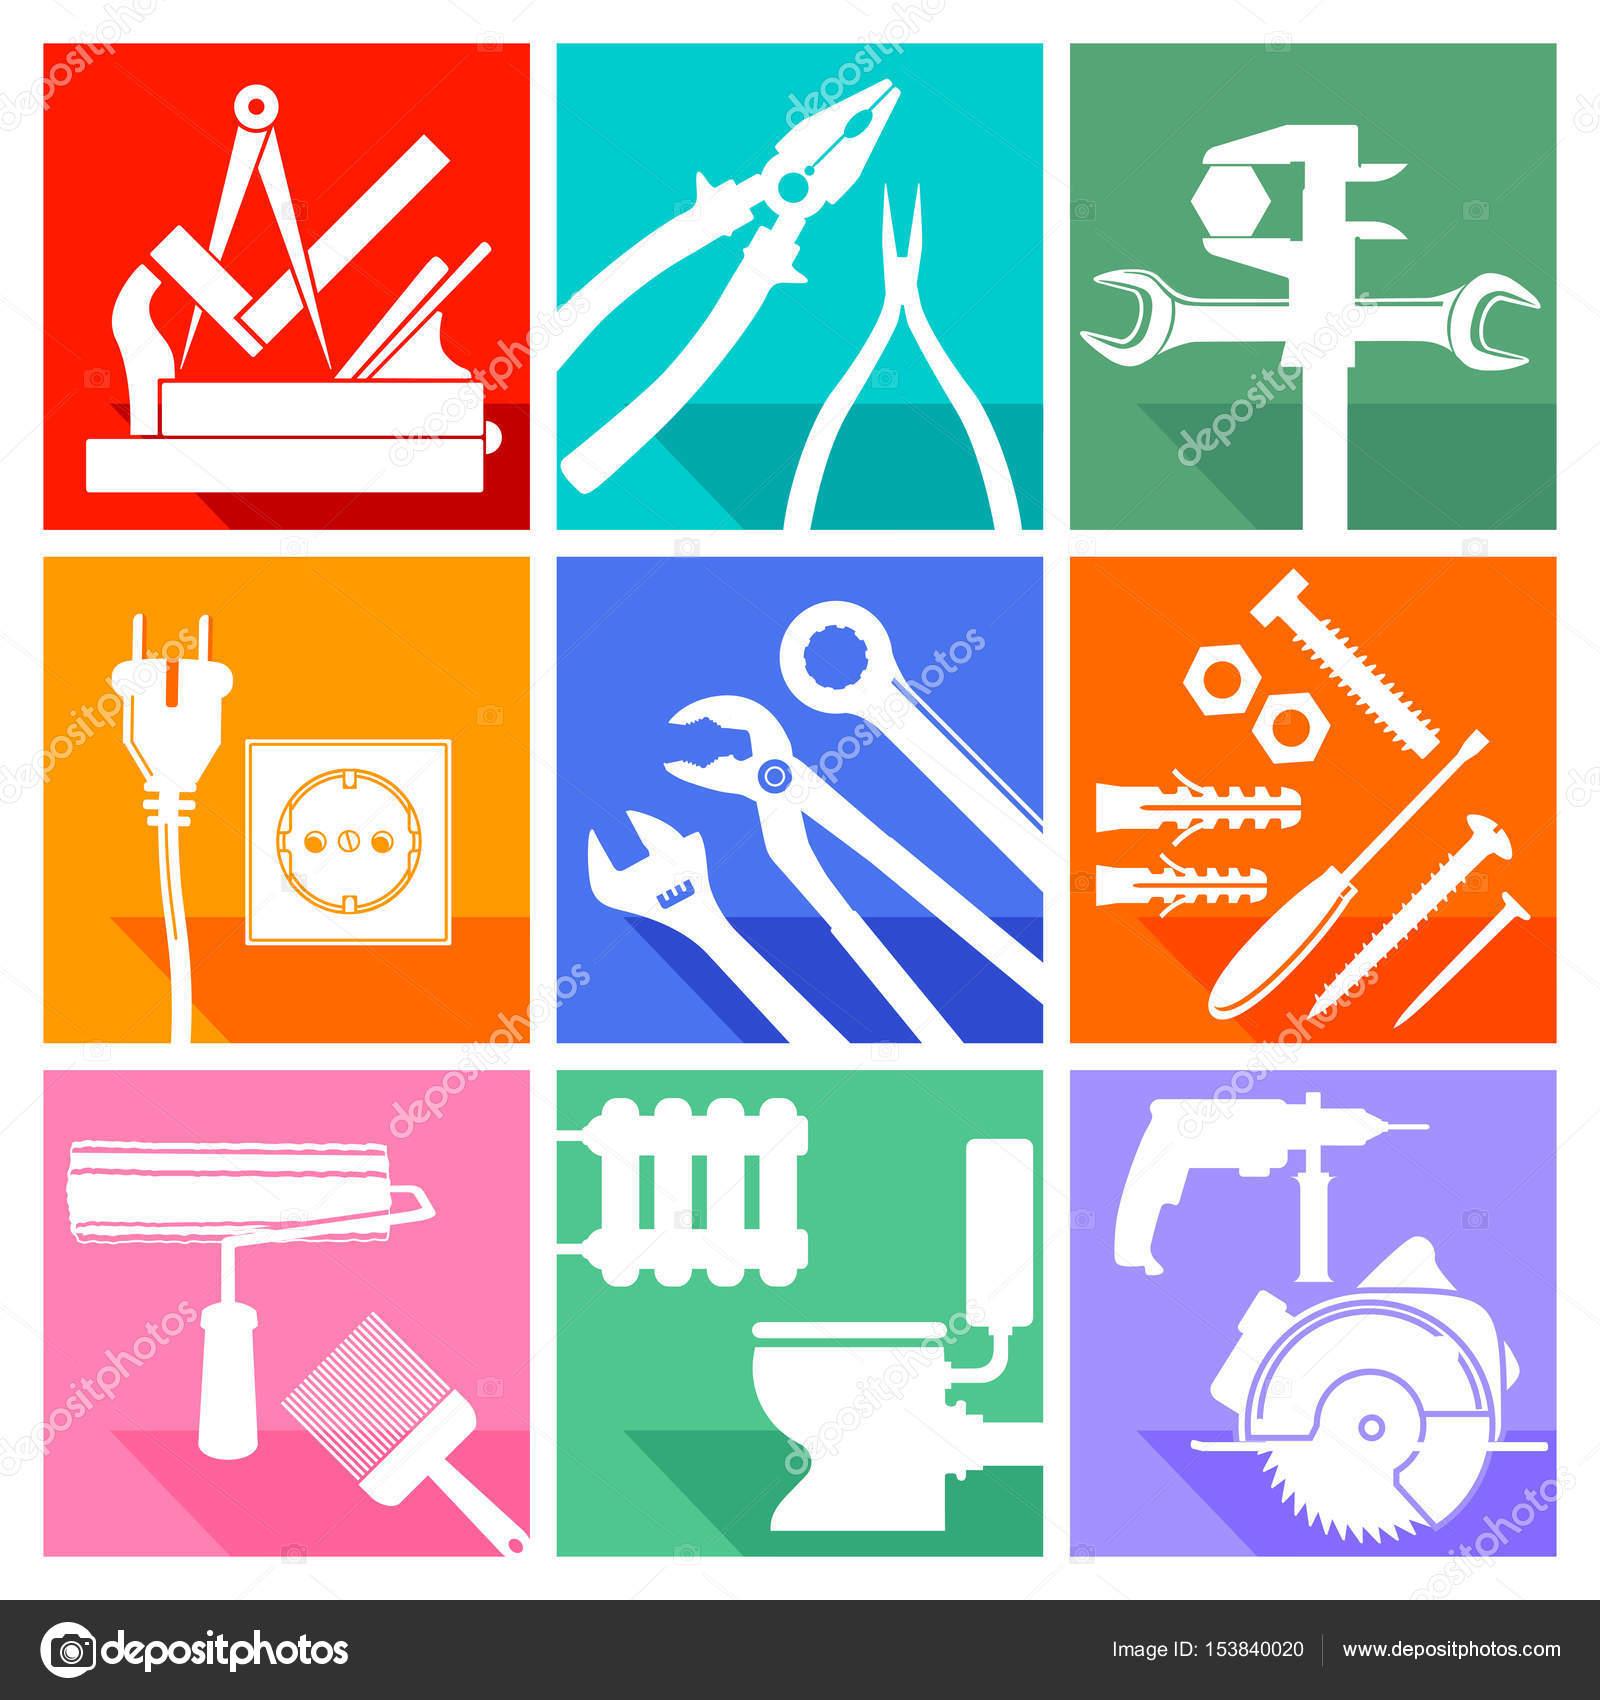 Tischler Zeichen werkzeug zeichen schlosser tischler schreiner maler klempner